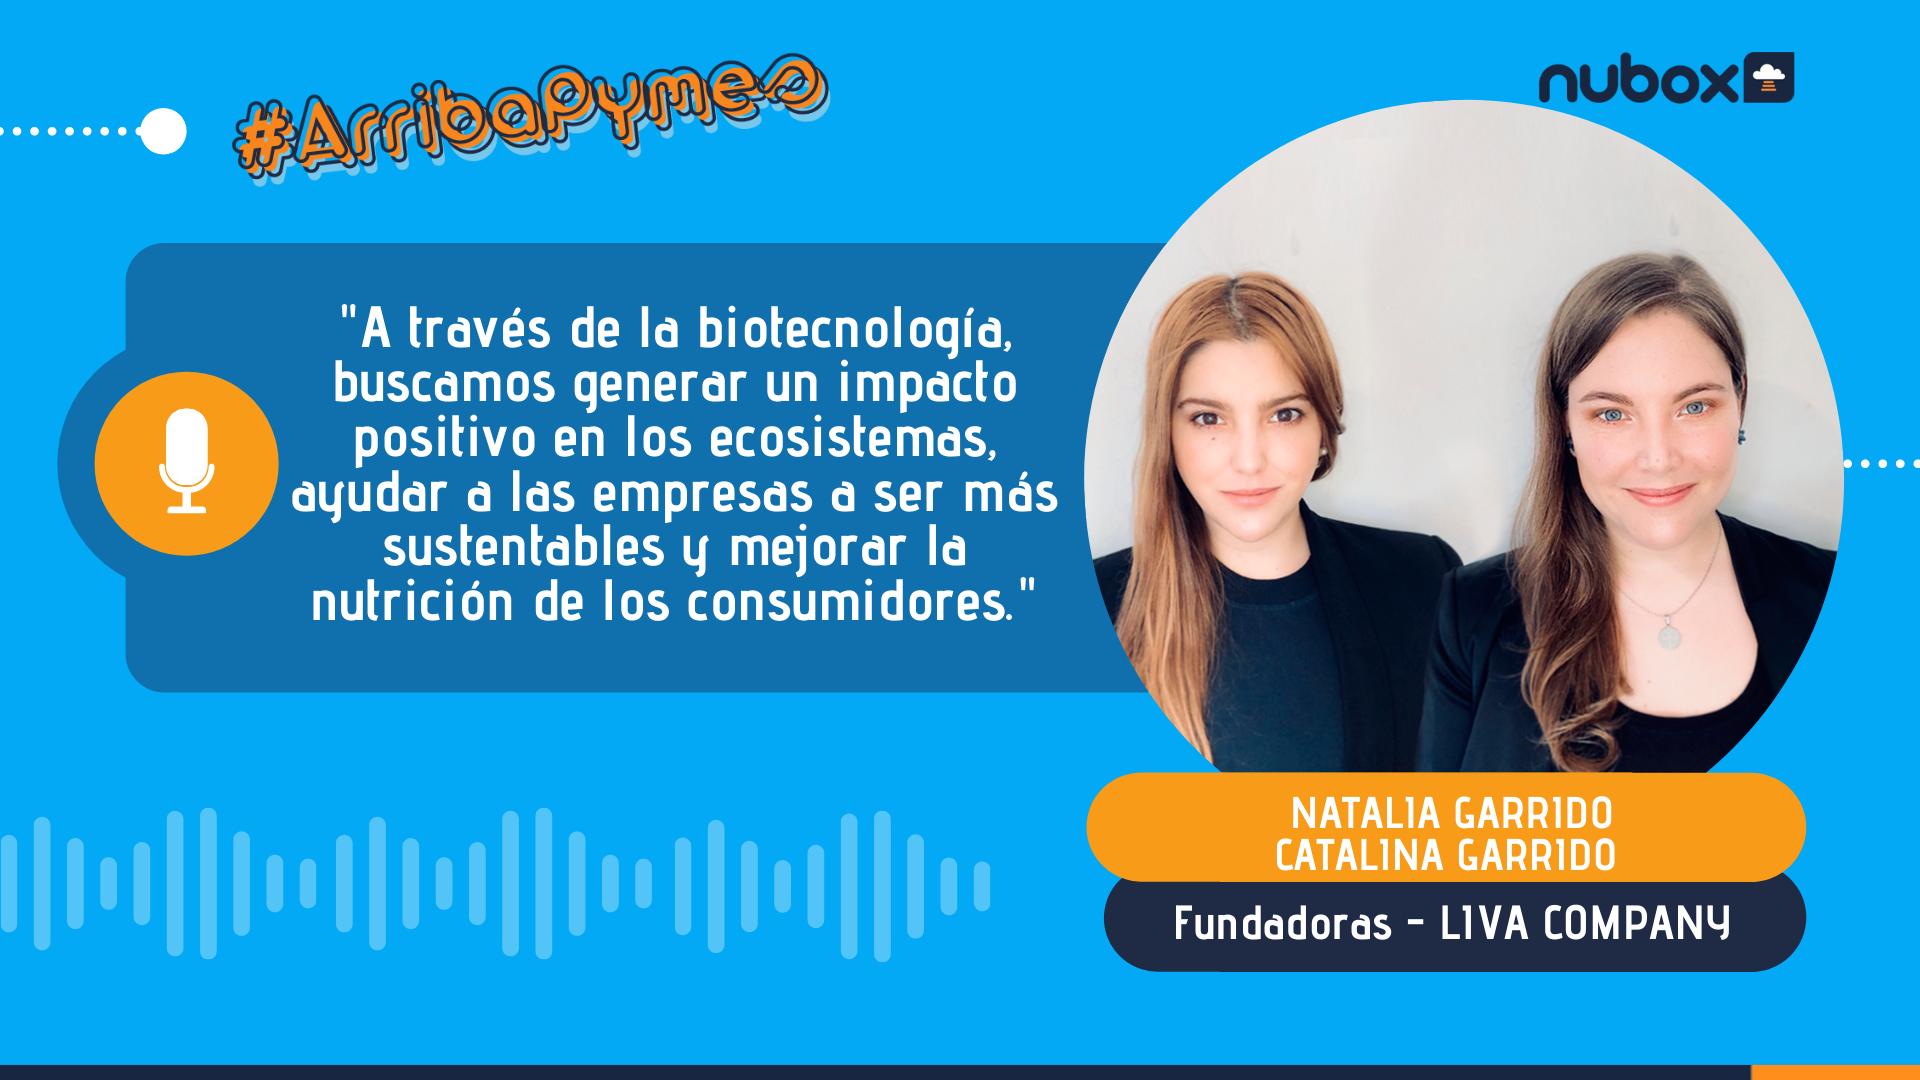 Catalina Garrido: Buscamos ayudar a las empresas a ser más sustentables y mejorar la nutrición de los consumidores